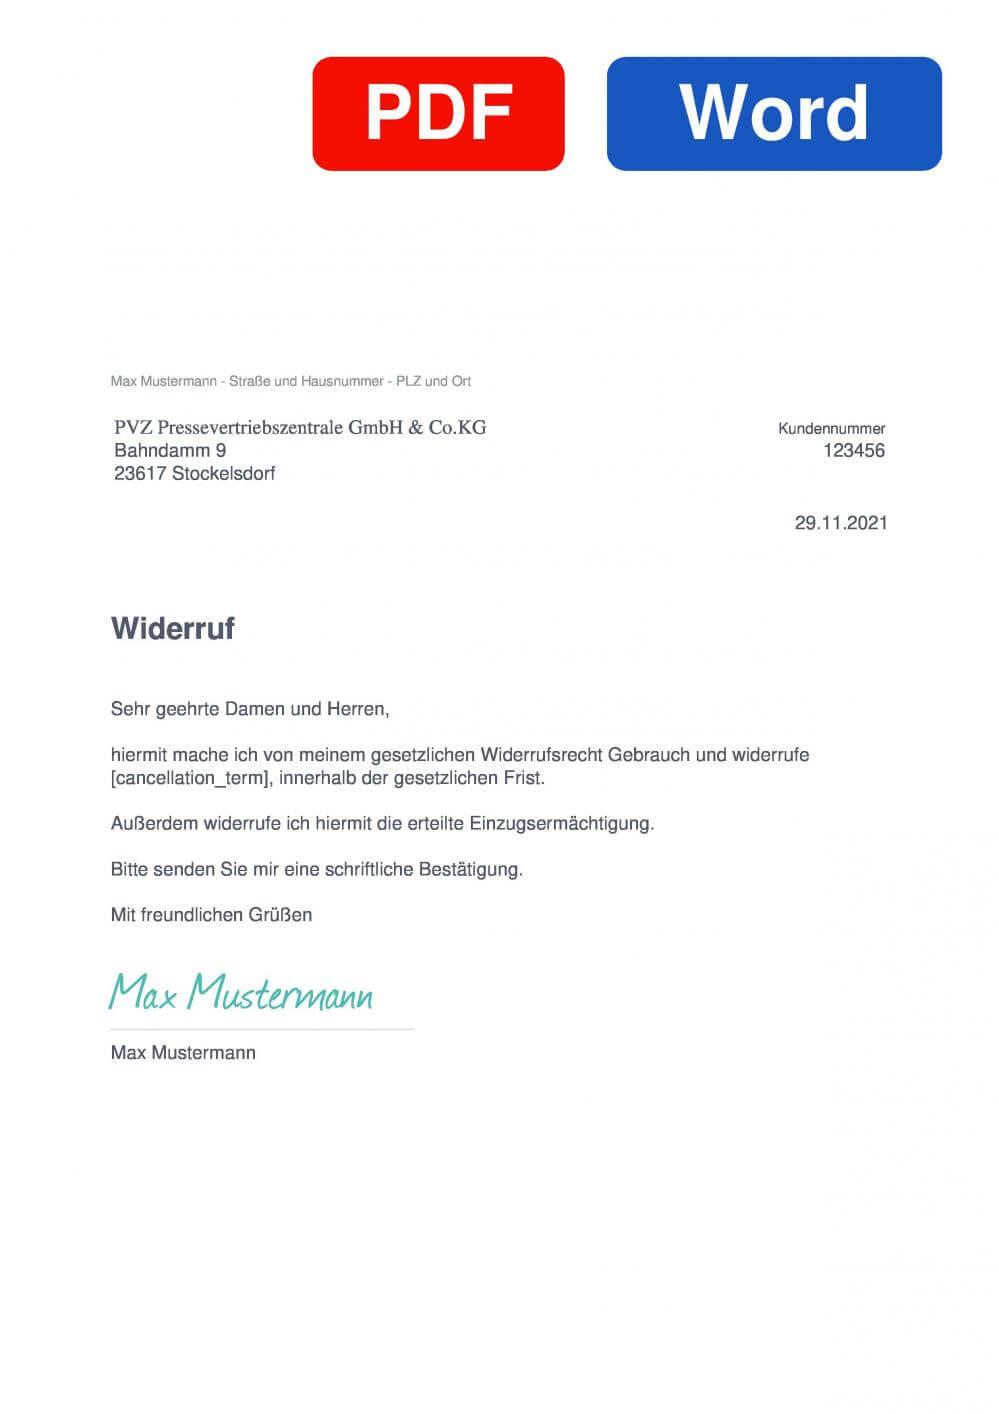 PVZ Pressevertriebszentrale Muster Vorlage für Wiederrufsschreiben